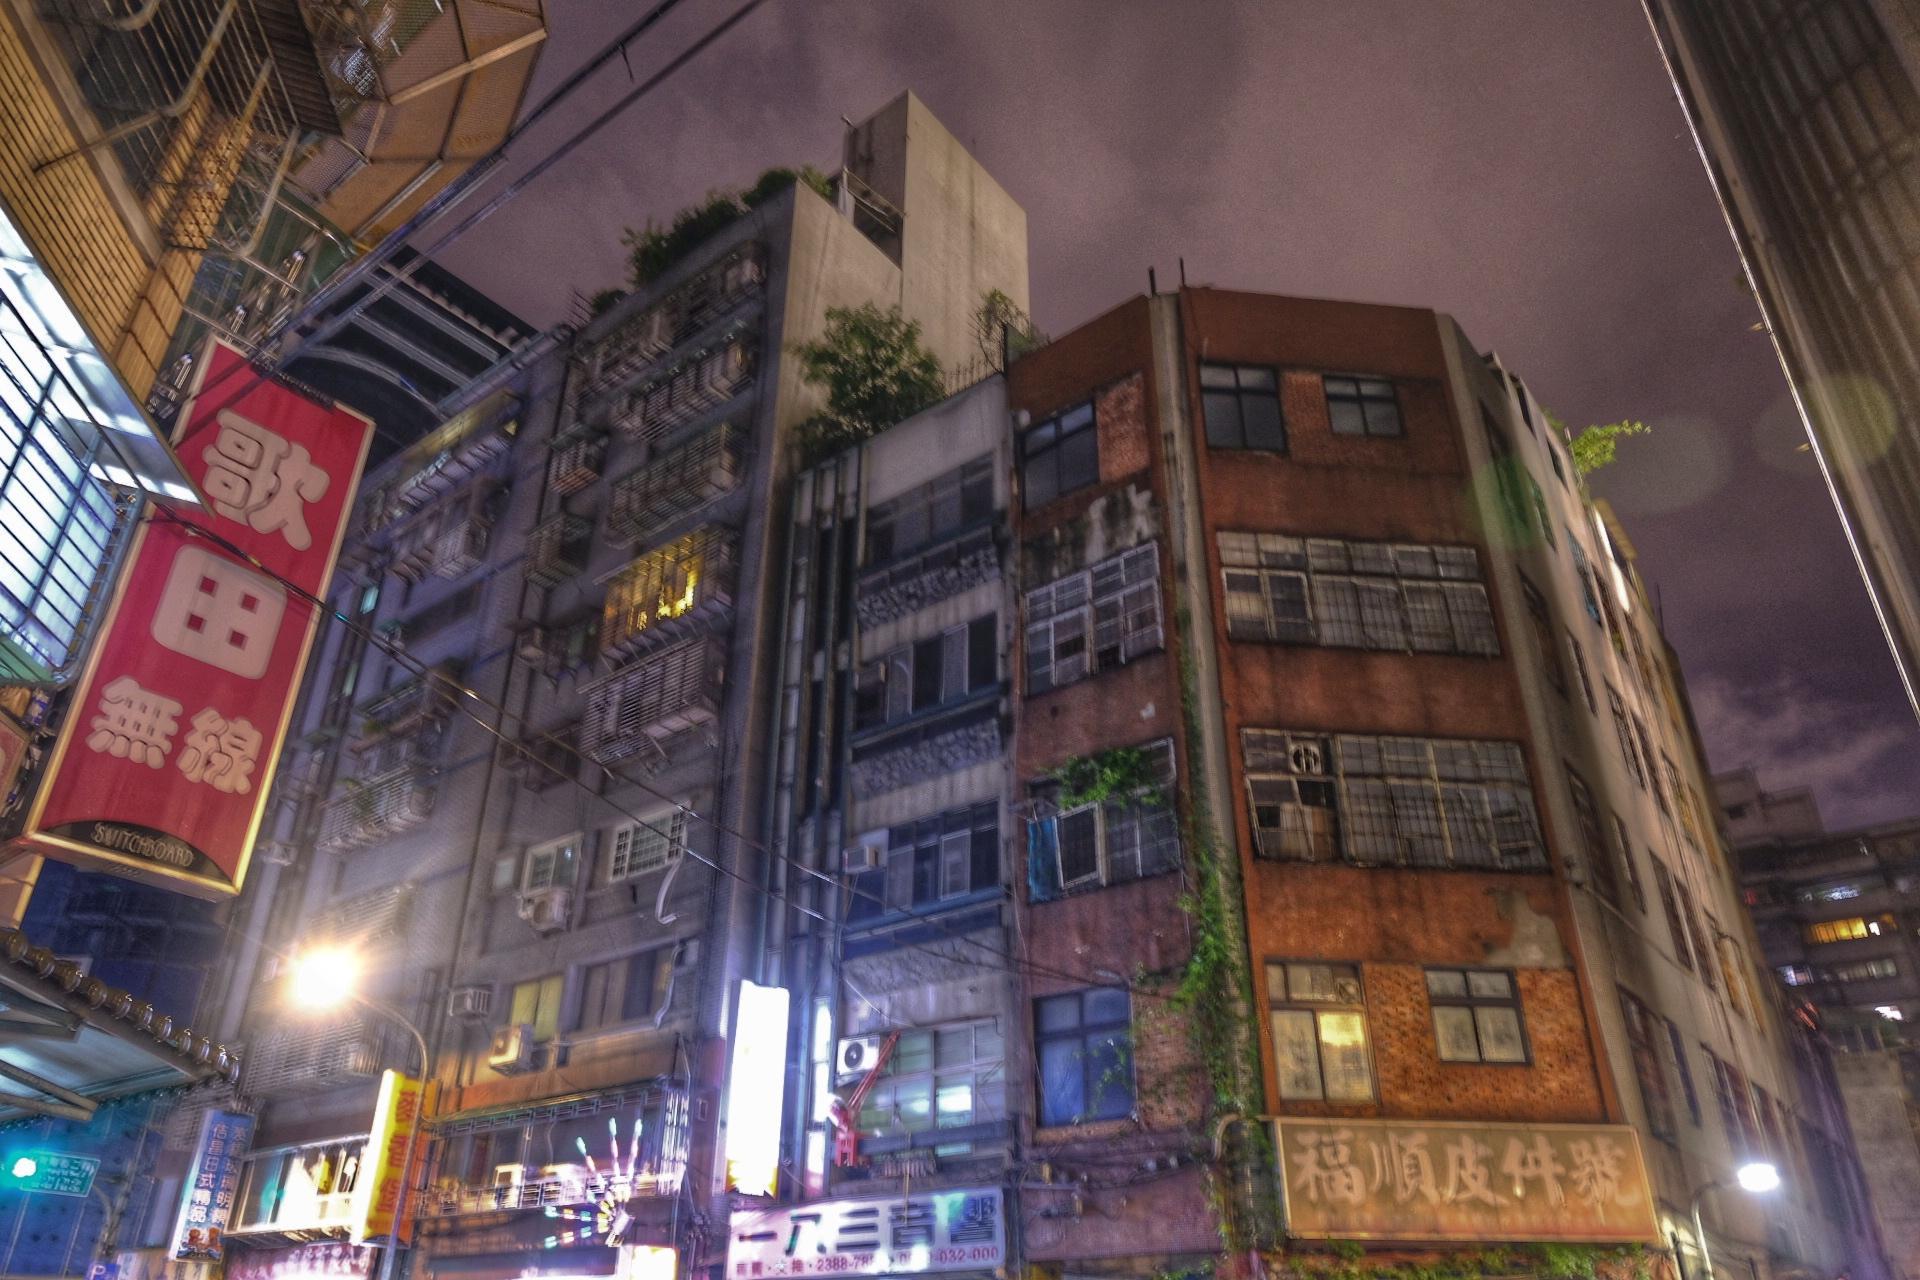 Streets of Taipei.